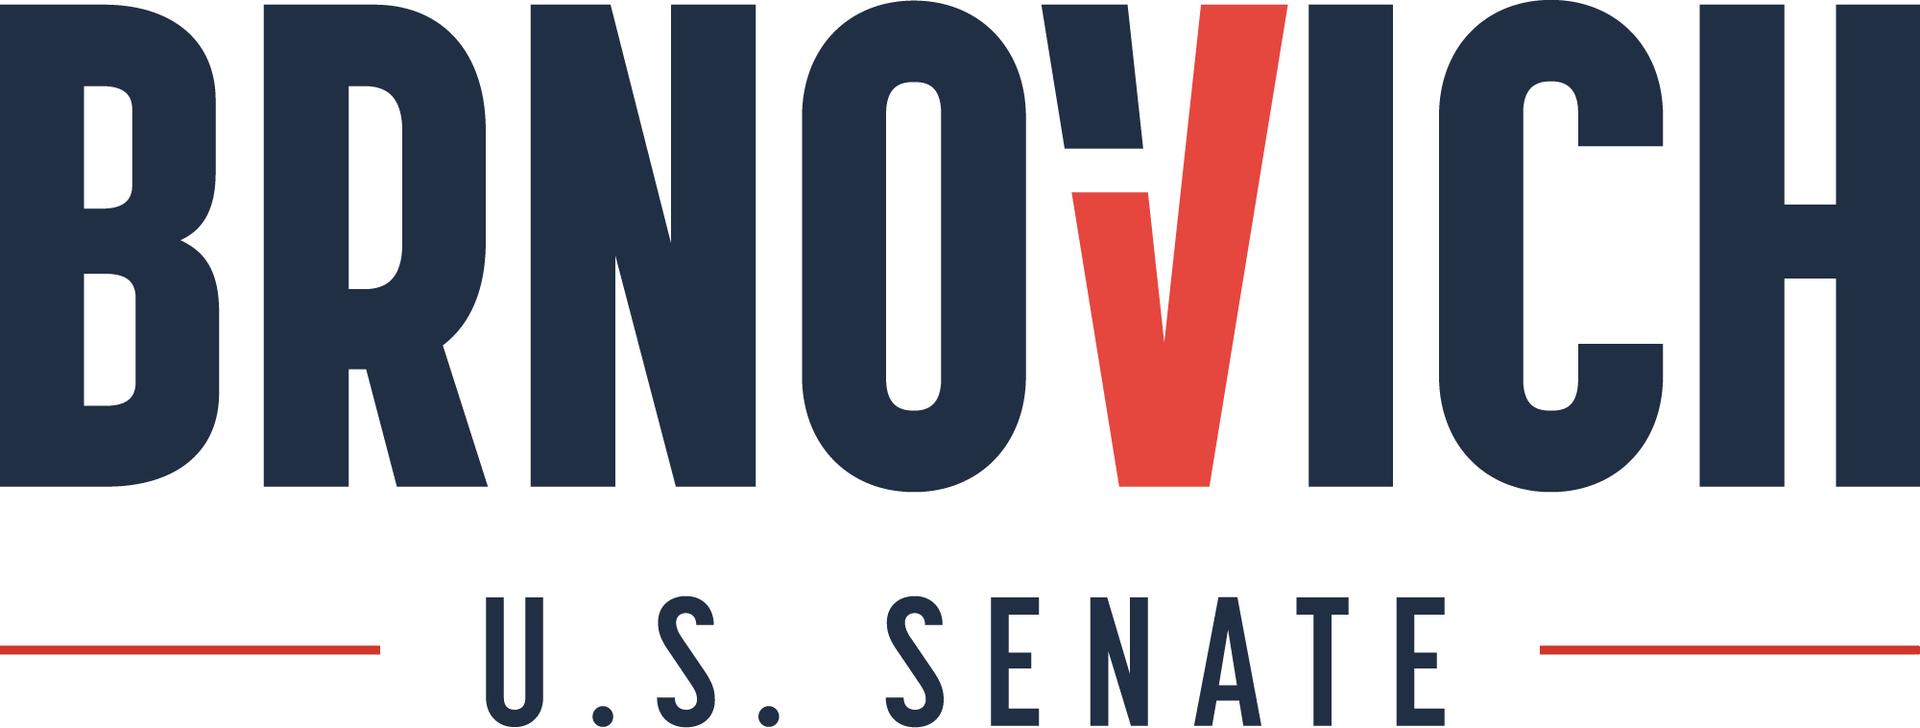 Brno senate logo